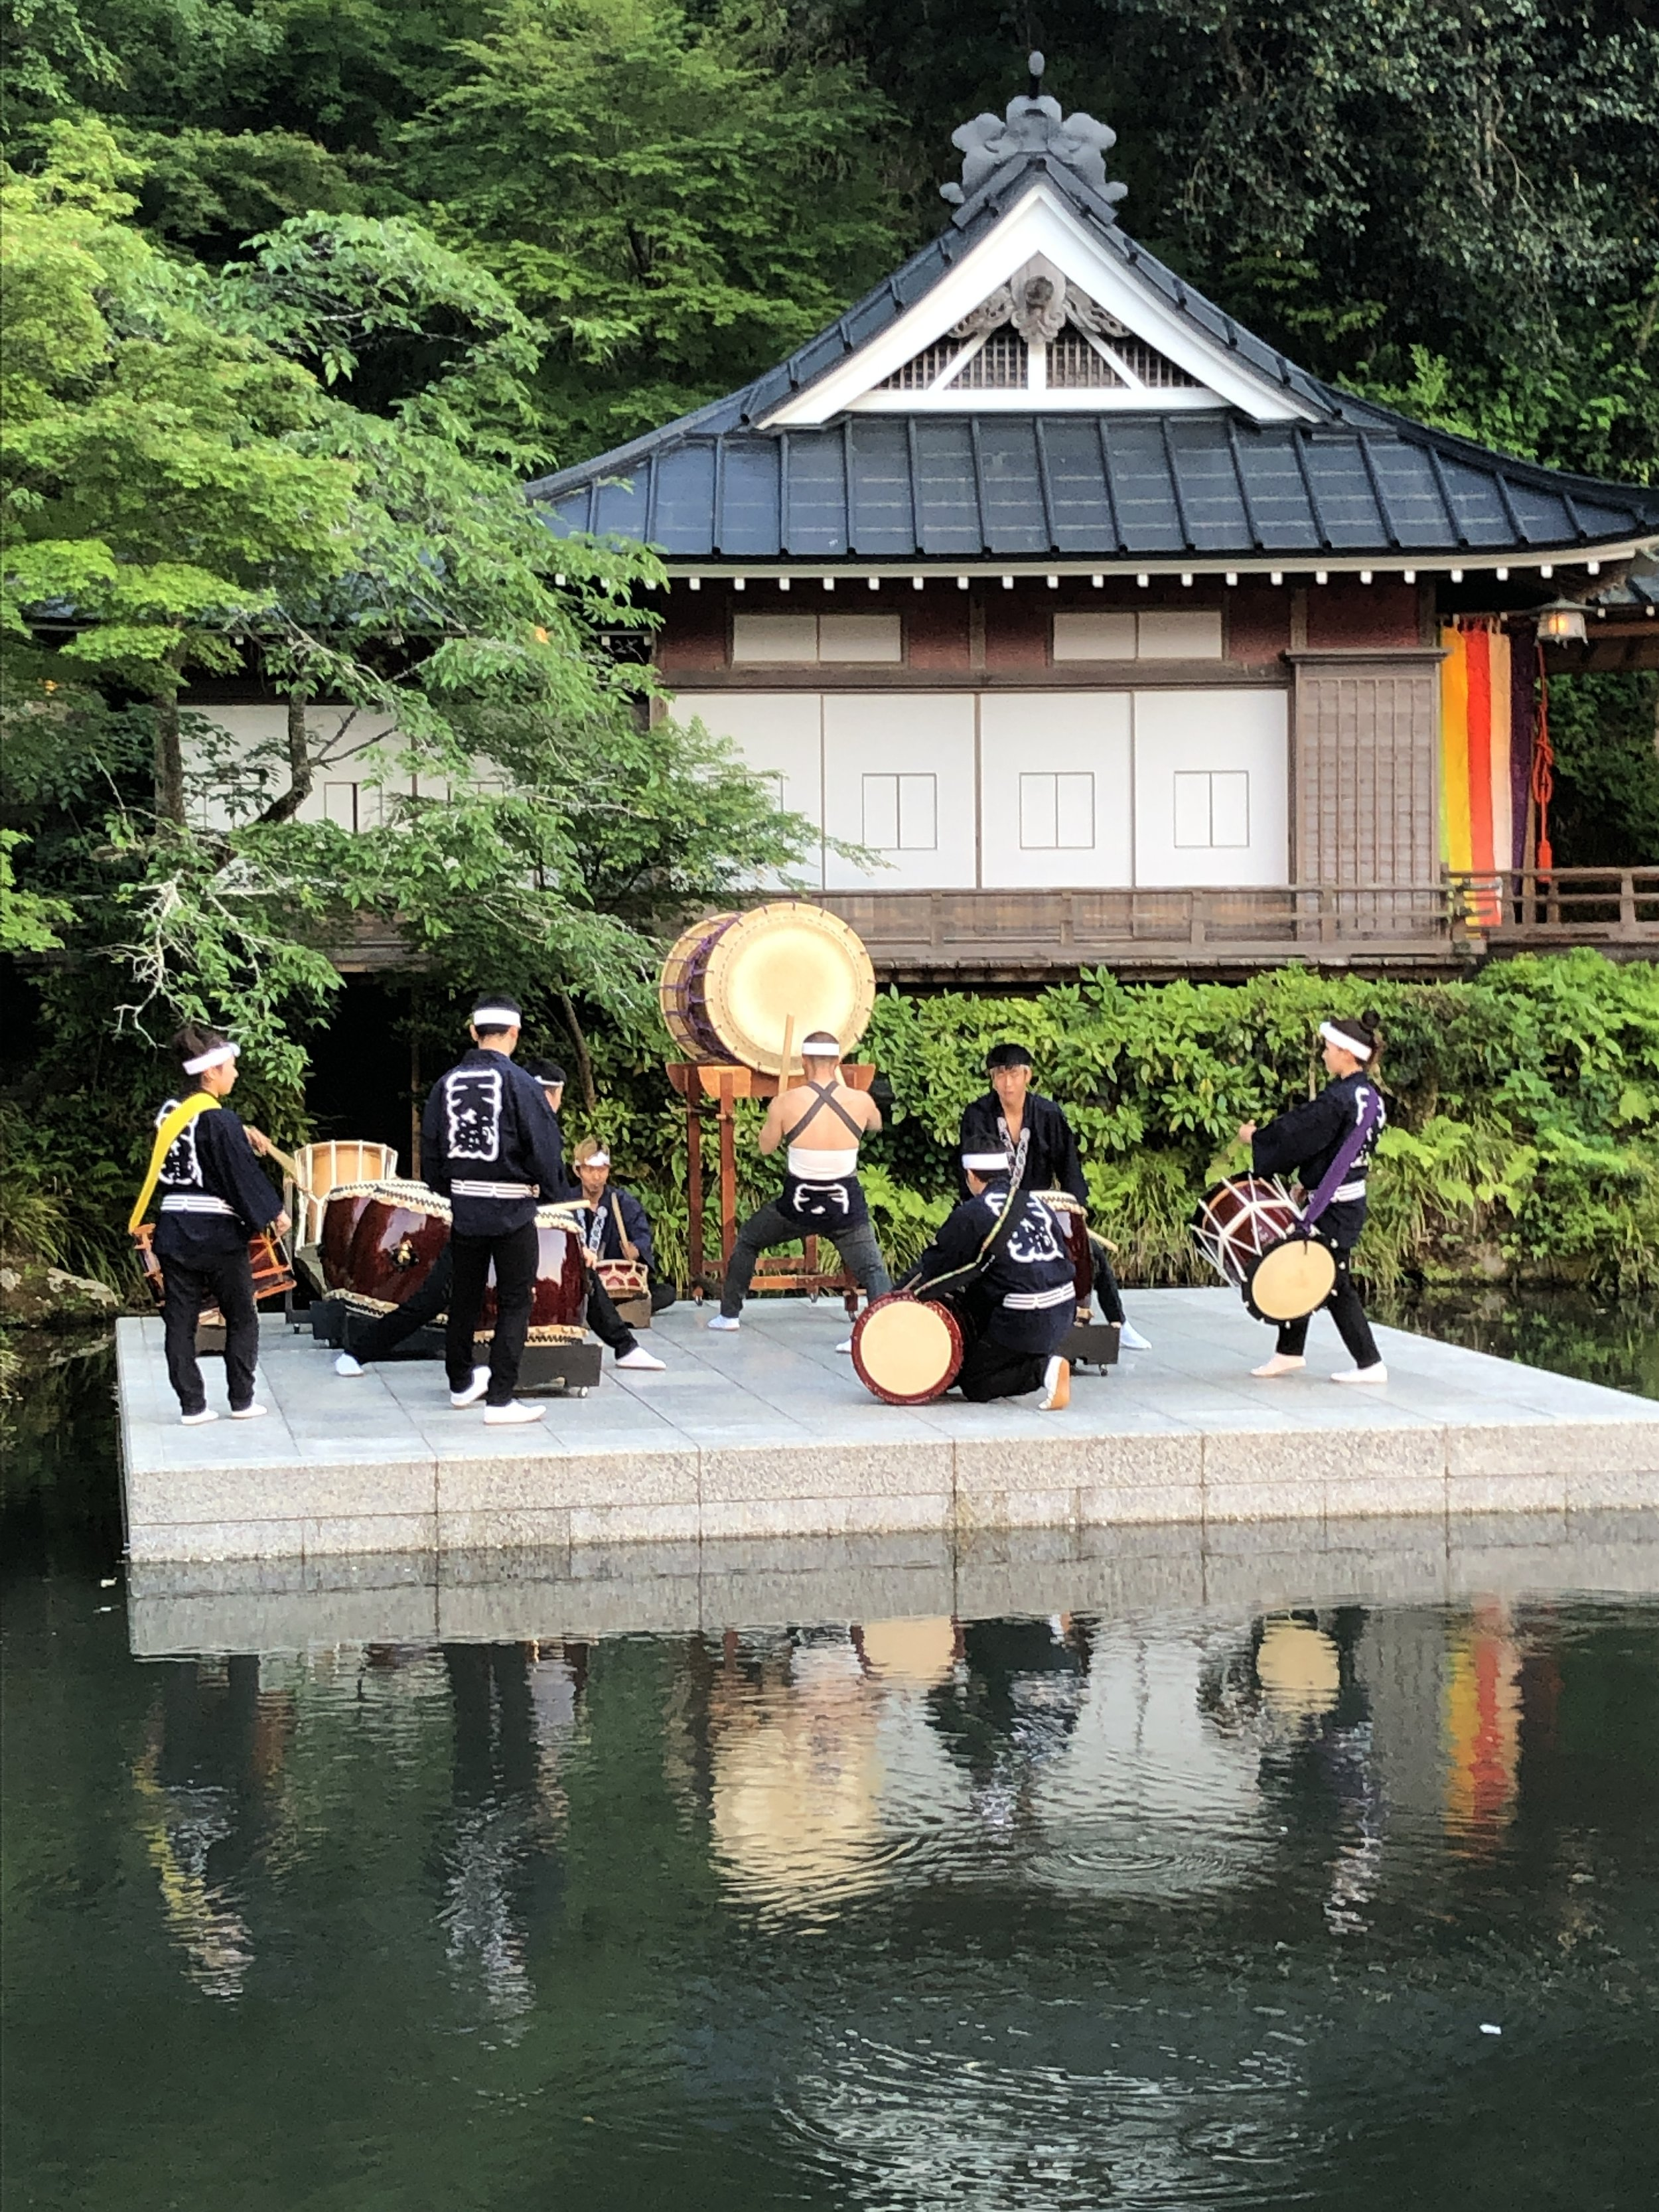 Pre-dinner music at Asaba Ryoken (Izu)